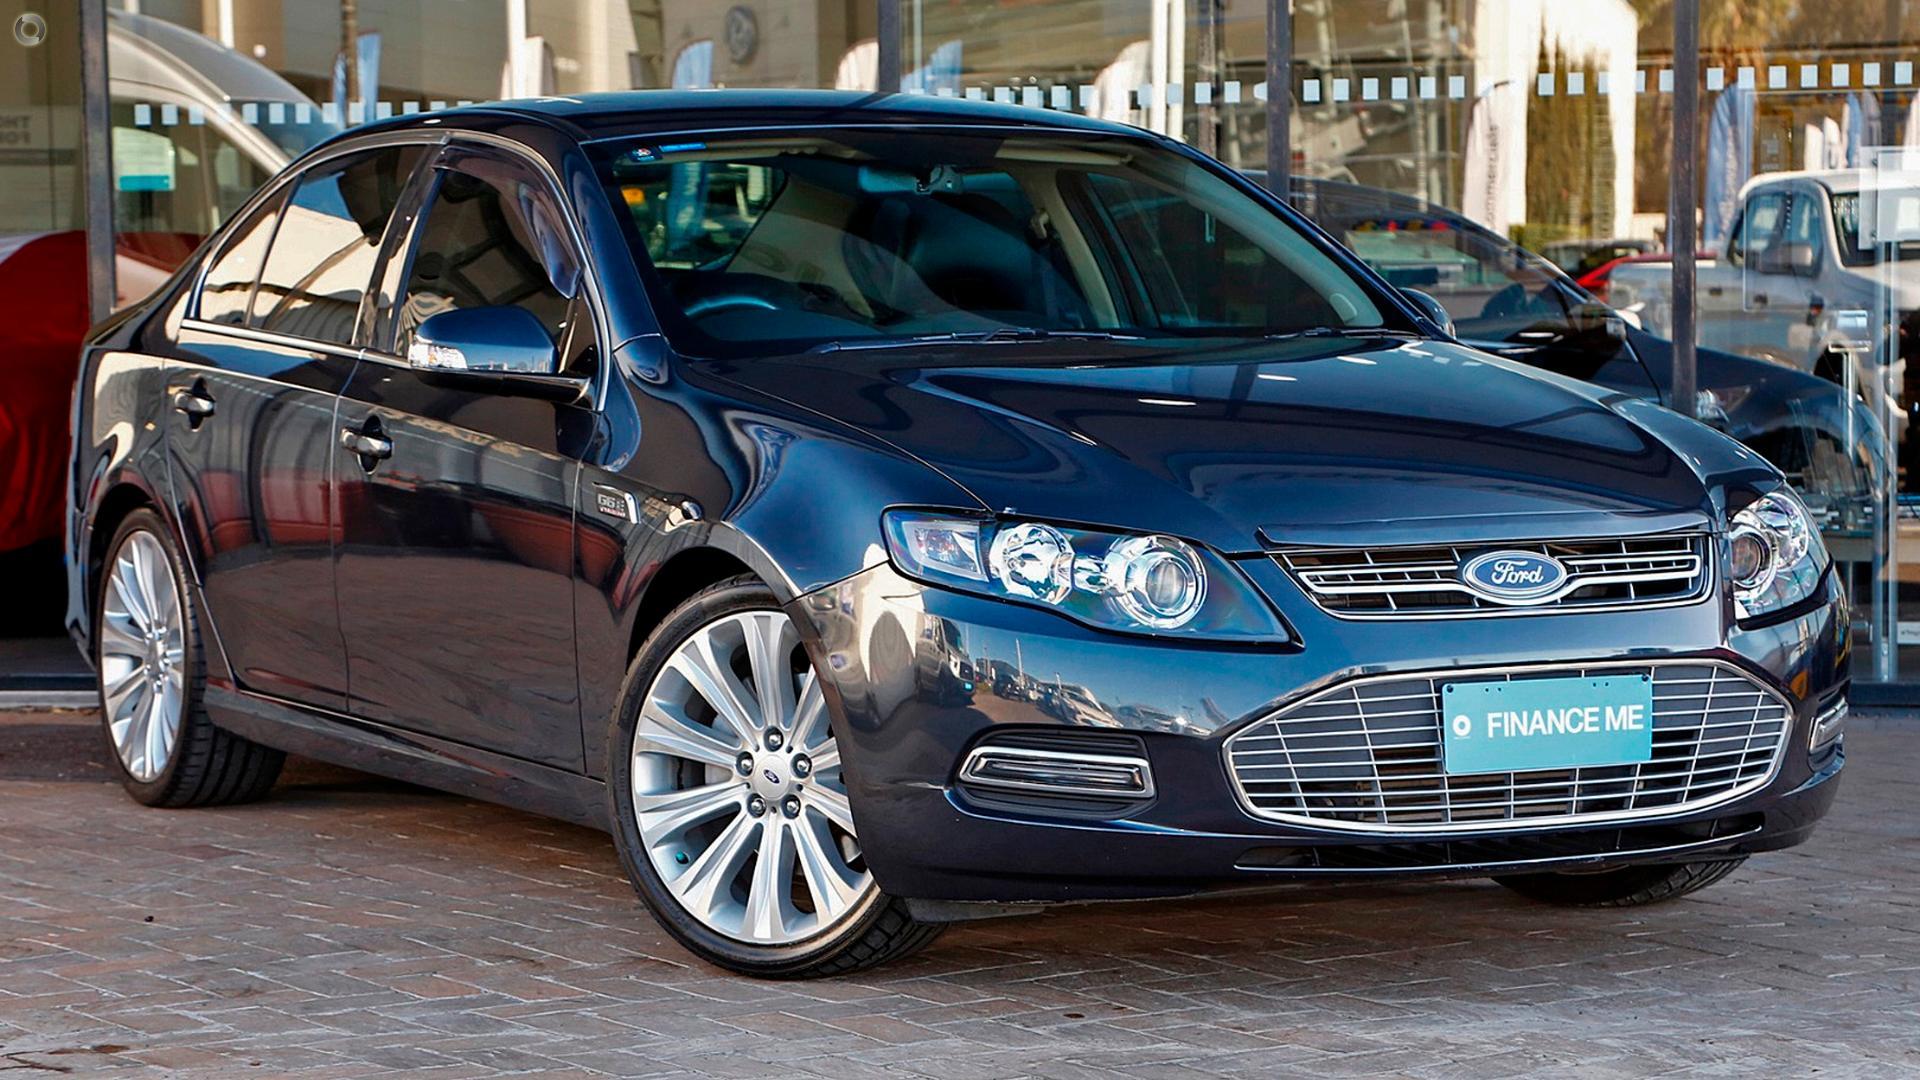 2011 Ford Falcon FG MkII